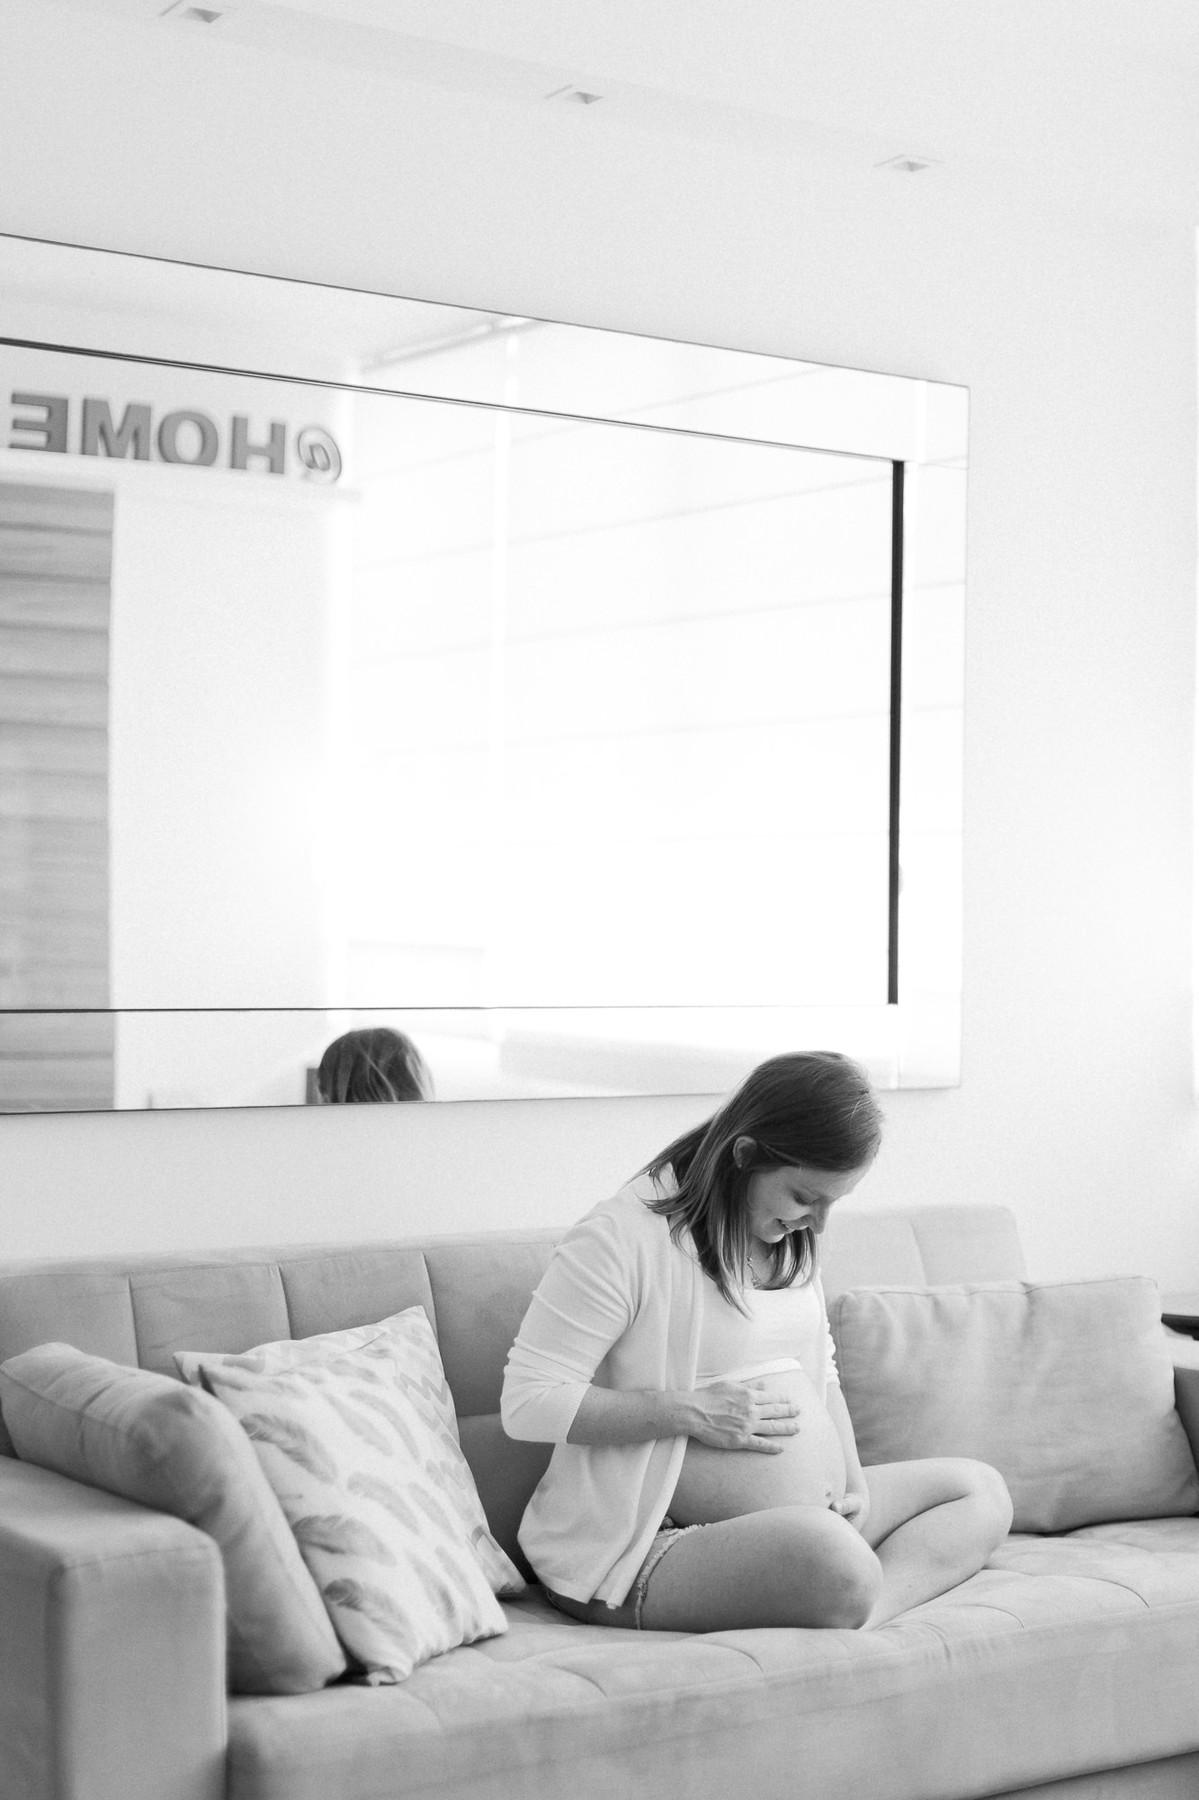 fotografia de familia gravidez barriga ensaio gestante fotografia em casa rio de janeiro criança família amor montessori dia claro branco felicidade ensaio fotográfico familiar